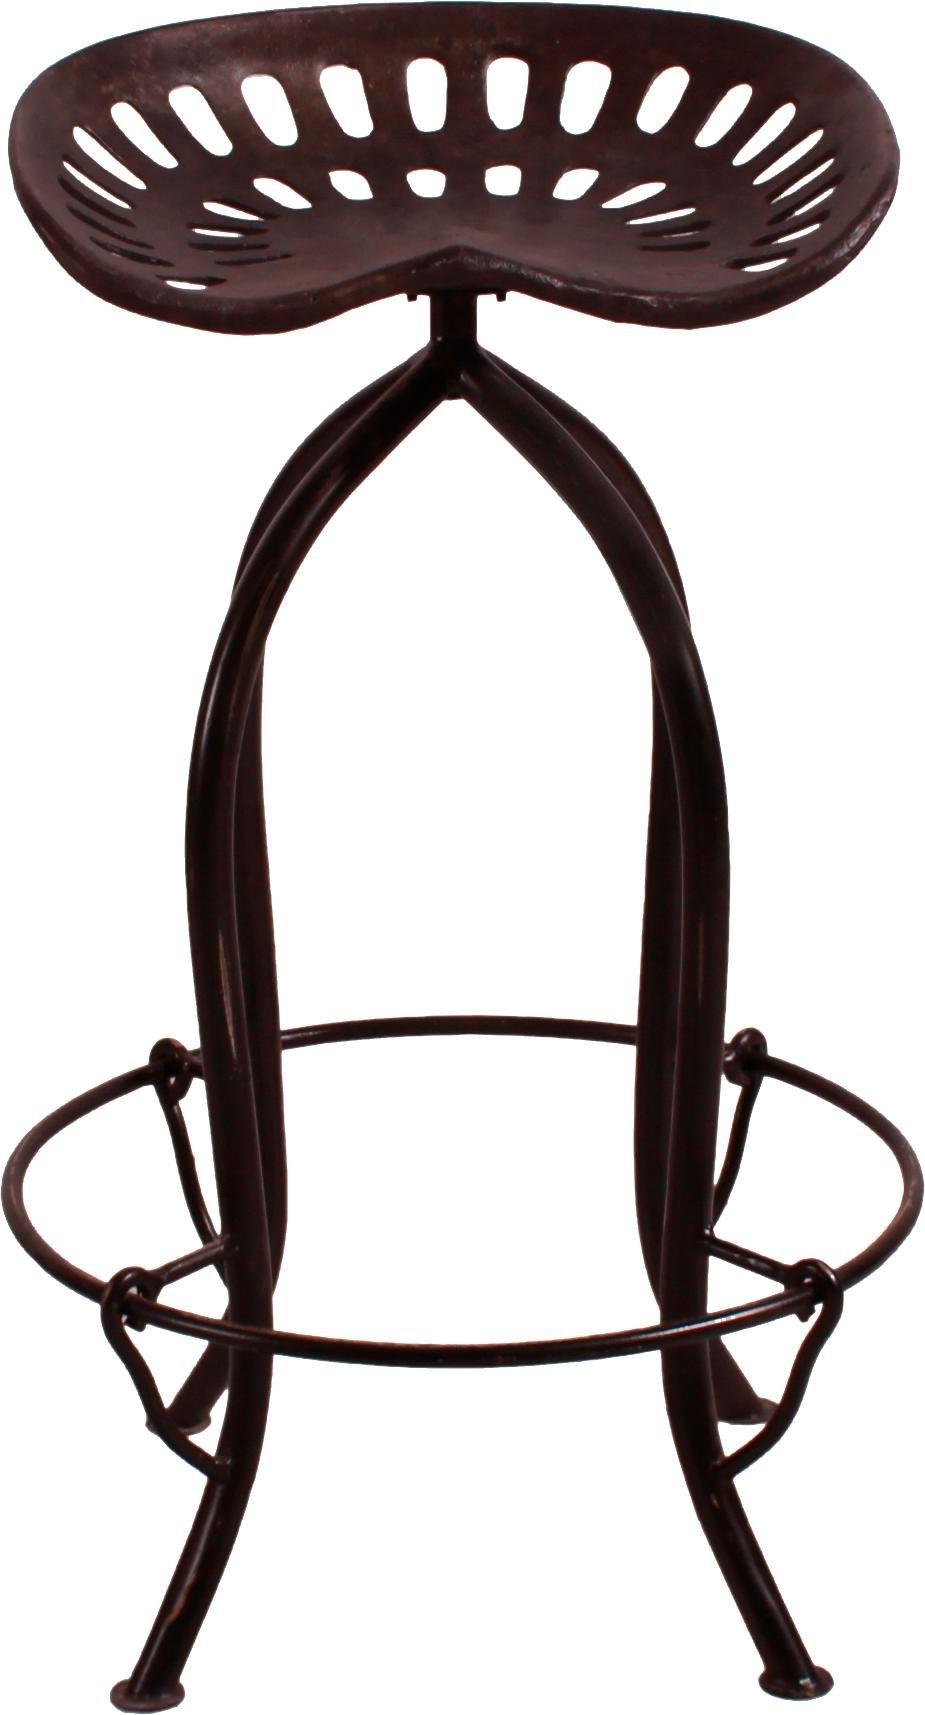 SIT barkruk This&That Tractorstoel op metalen frame voordelig en veilig online kopen